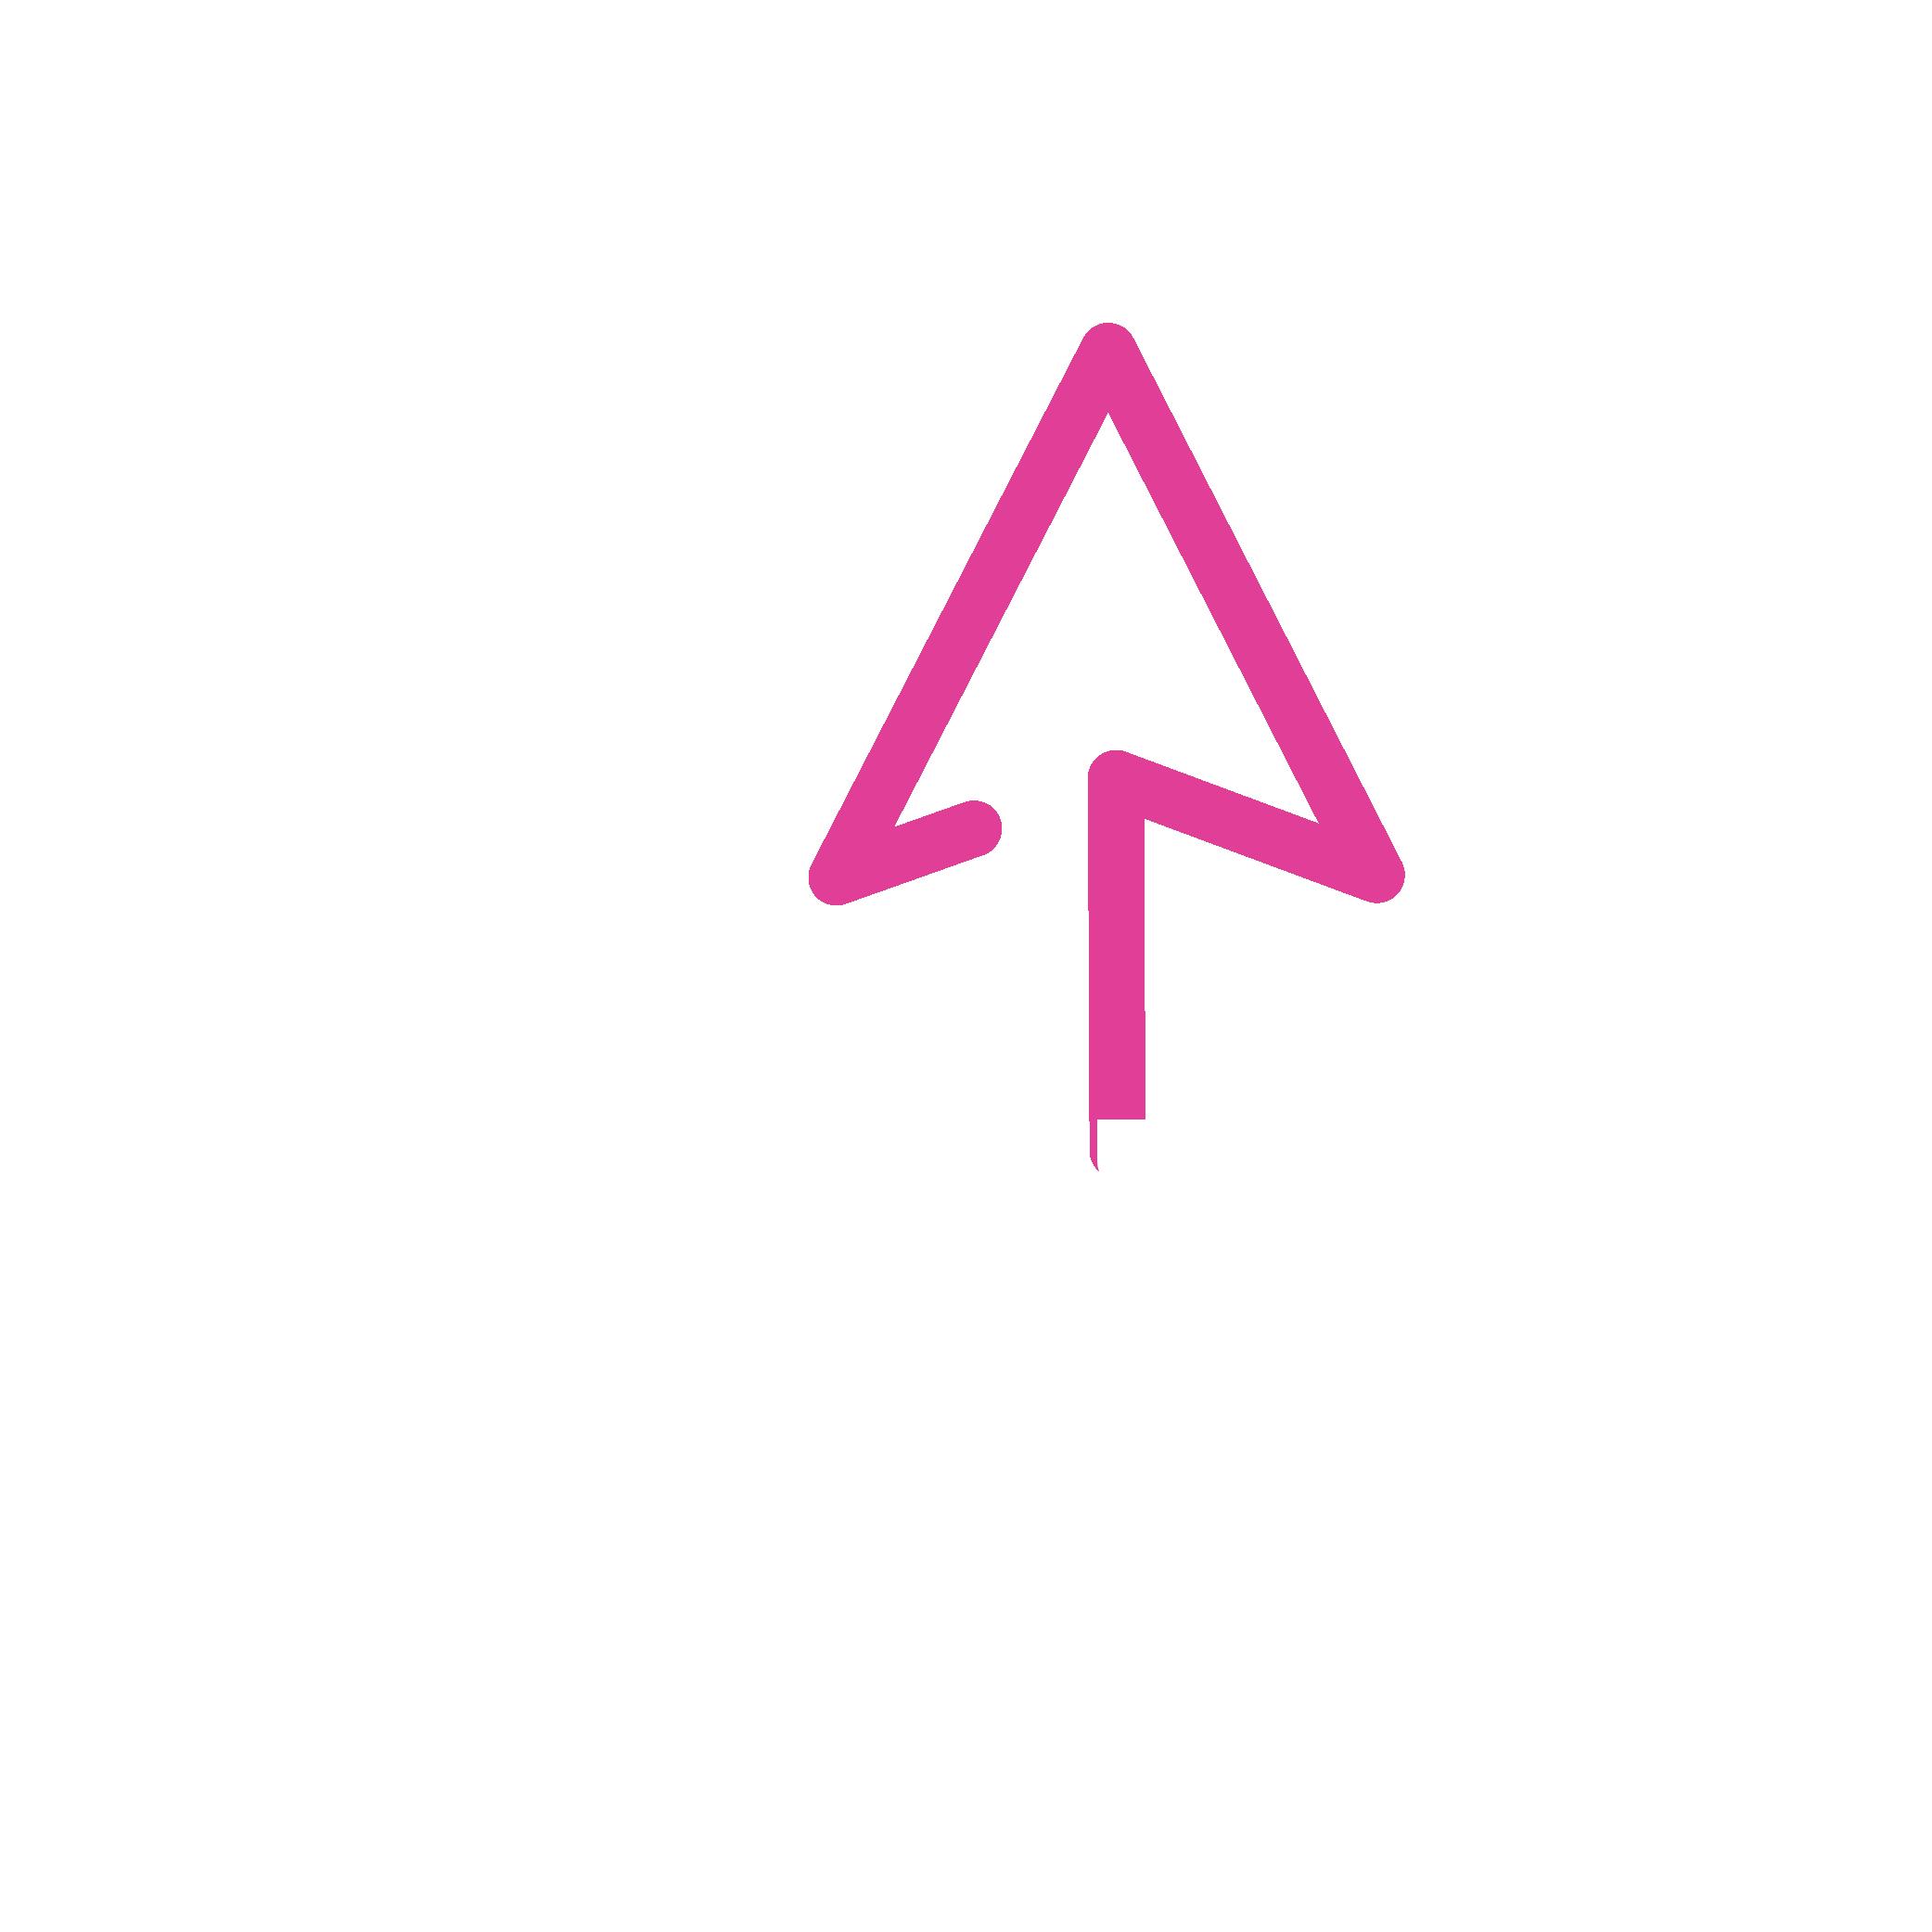 DAIsoft